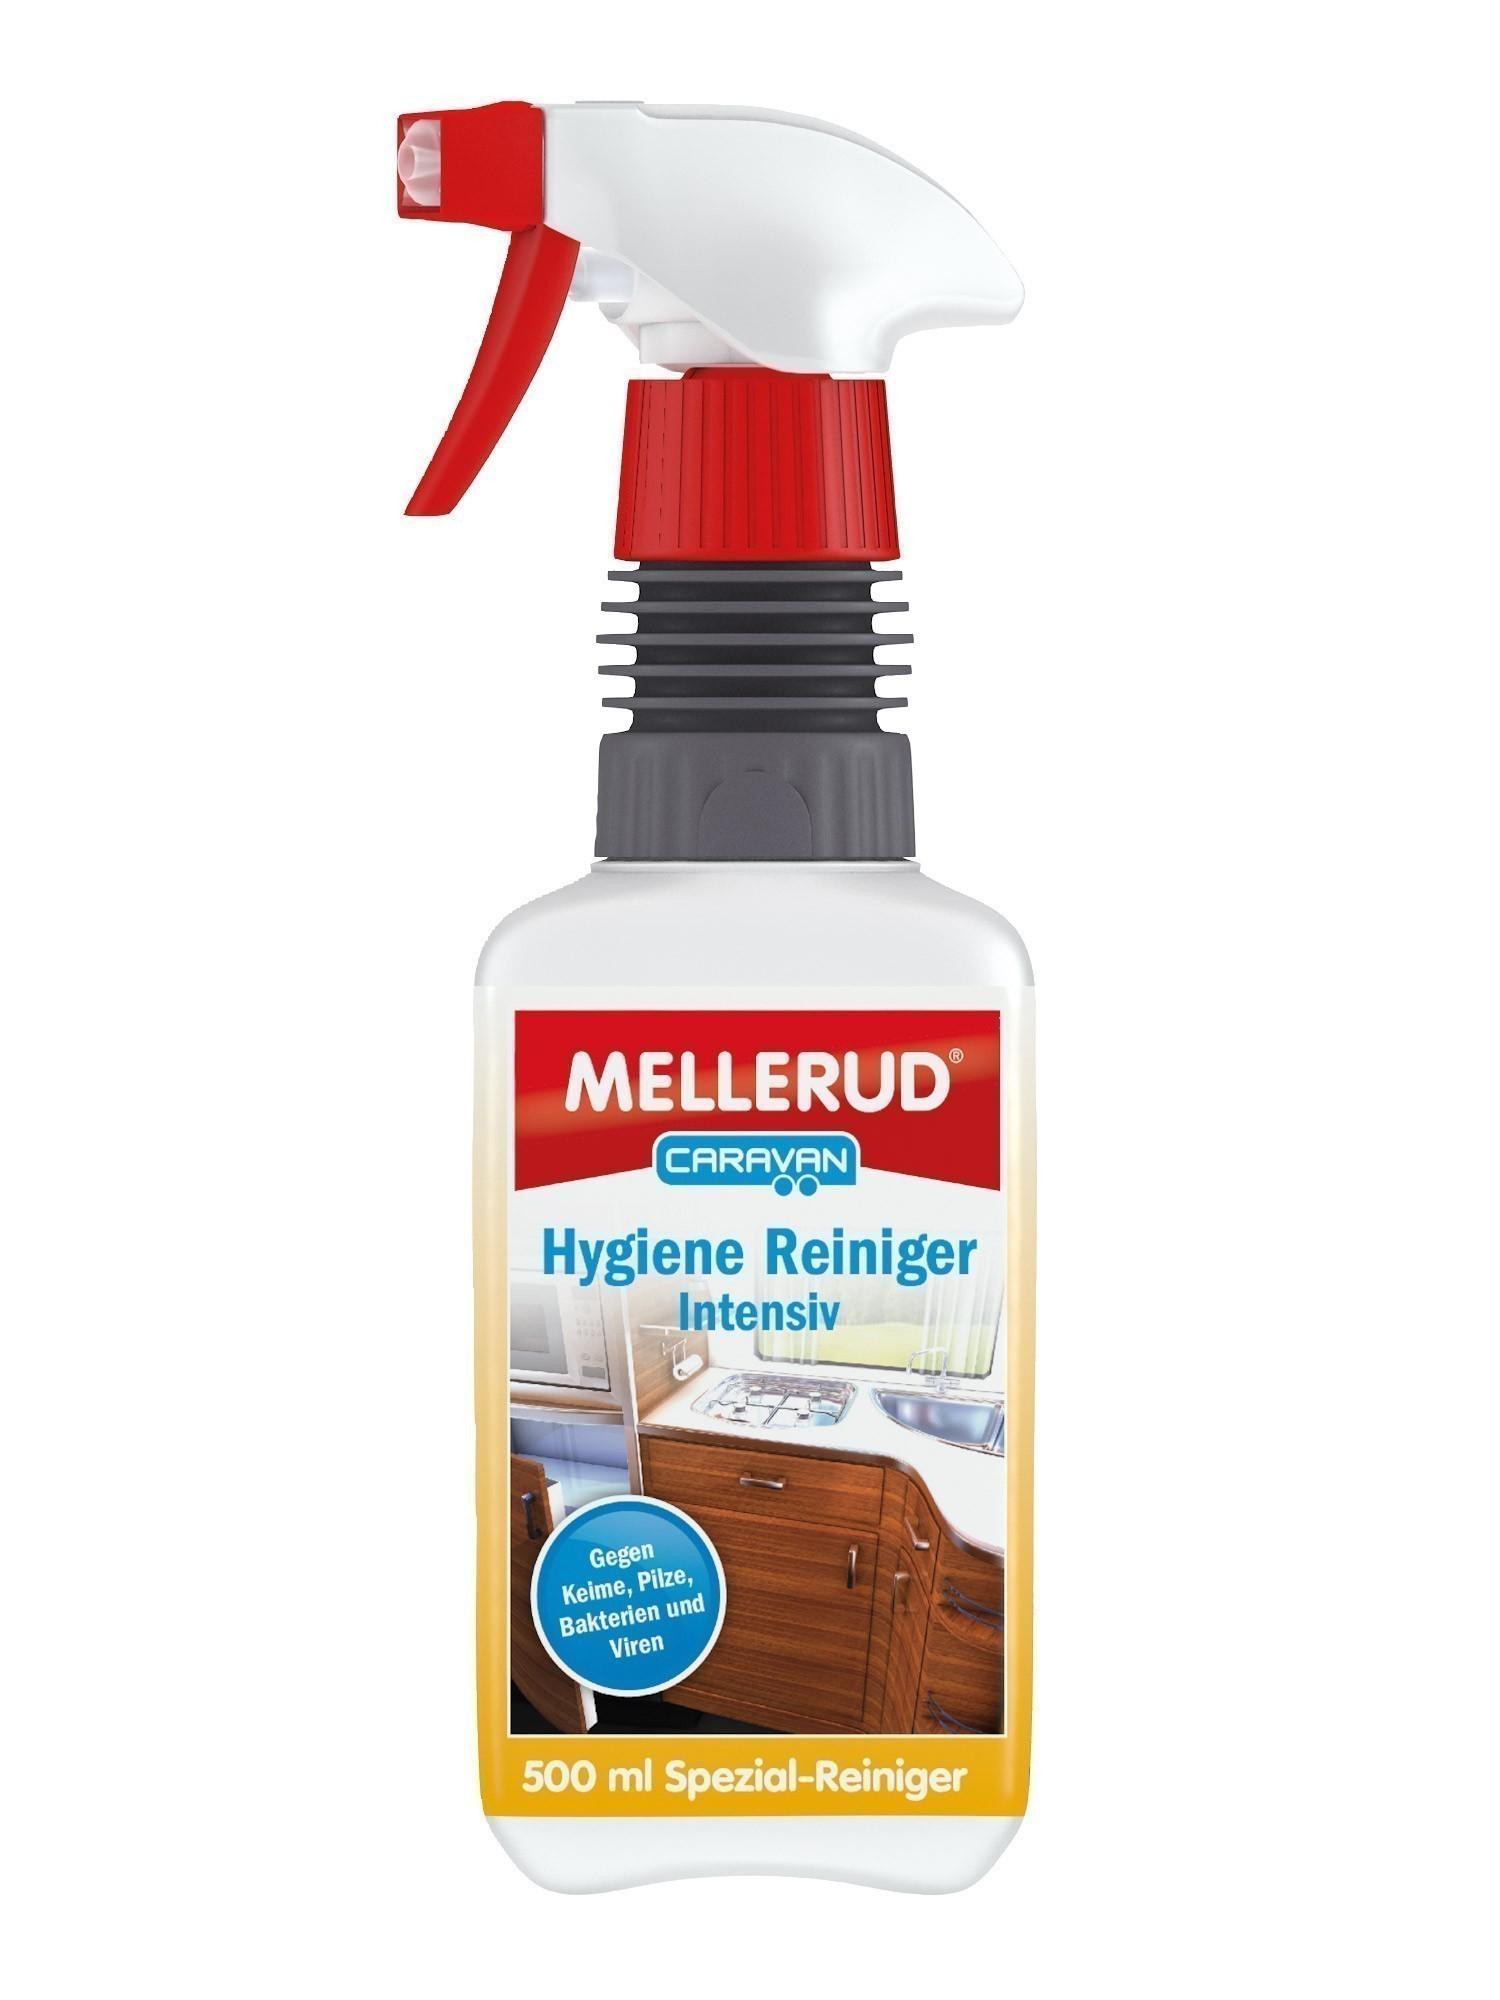 MELLERUD Caravan Hygiene Reiniger Intensiv 0,5 Liter Bild 1